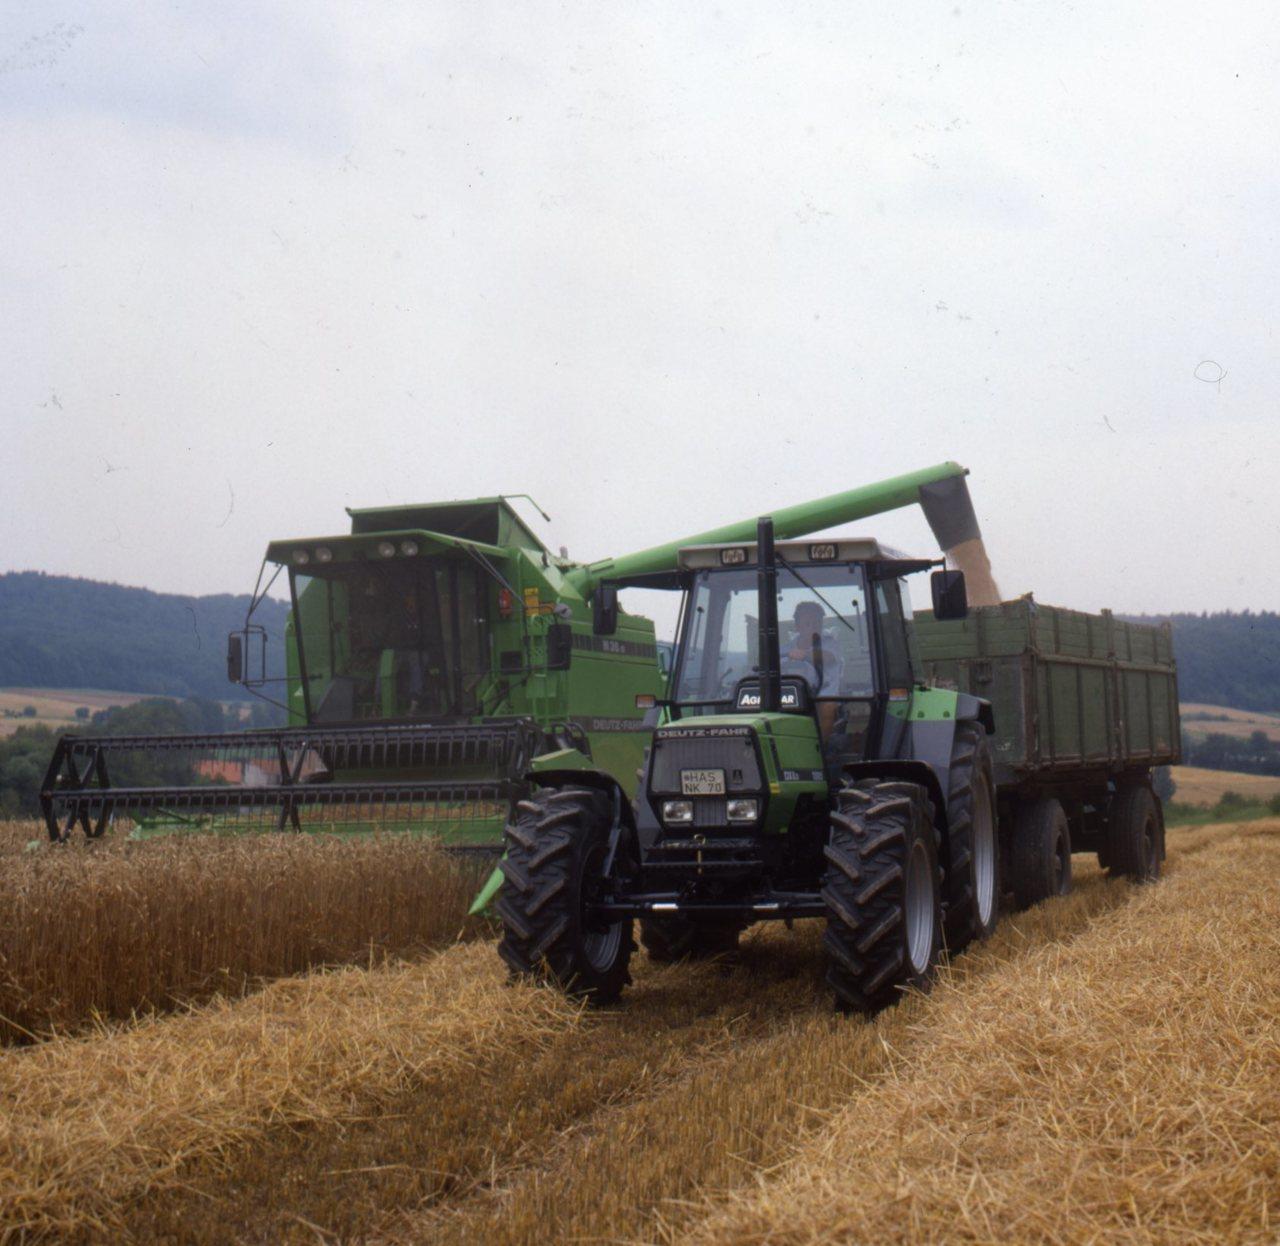 [Deutz-Fahr] trattore Agrostar 6.31 e mietitrebbia M 36.10 al lavoro